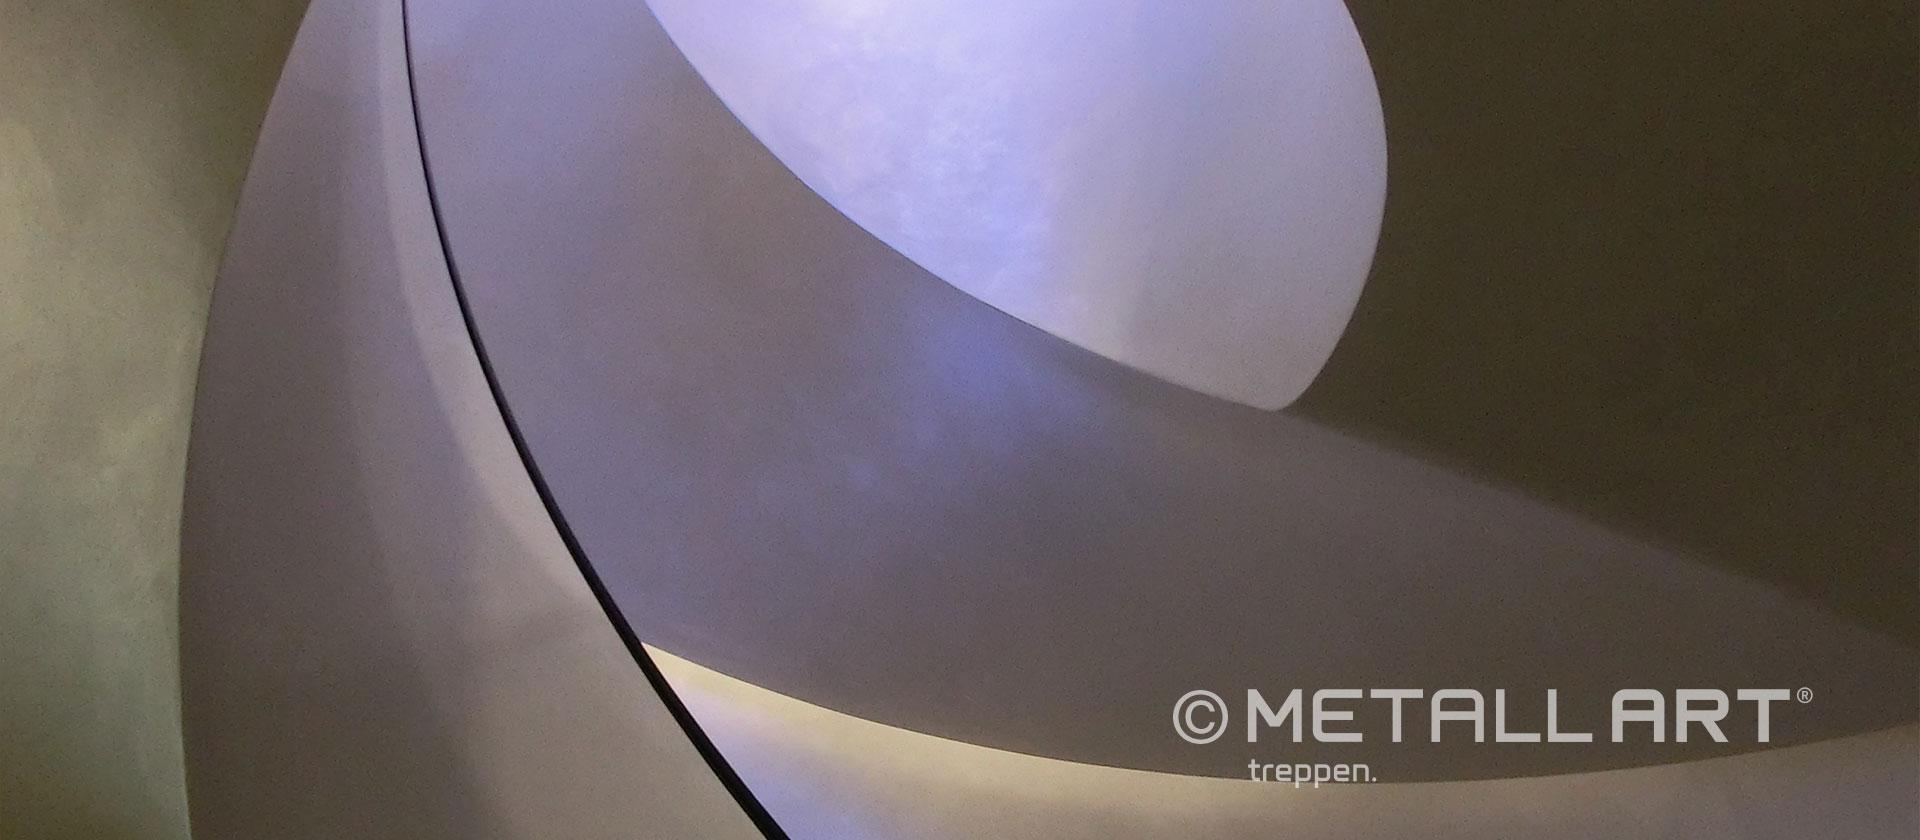 Gewendelte Treppe breit